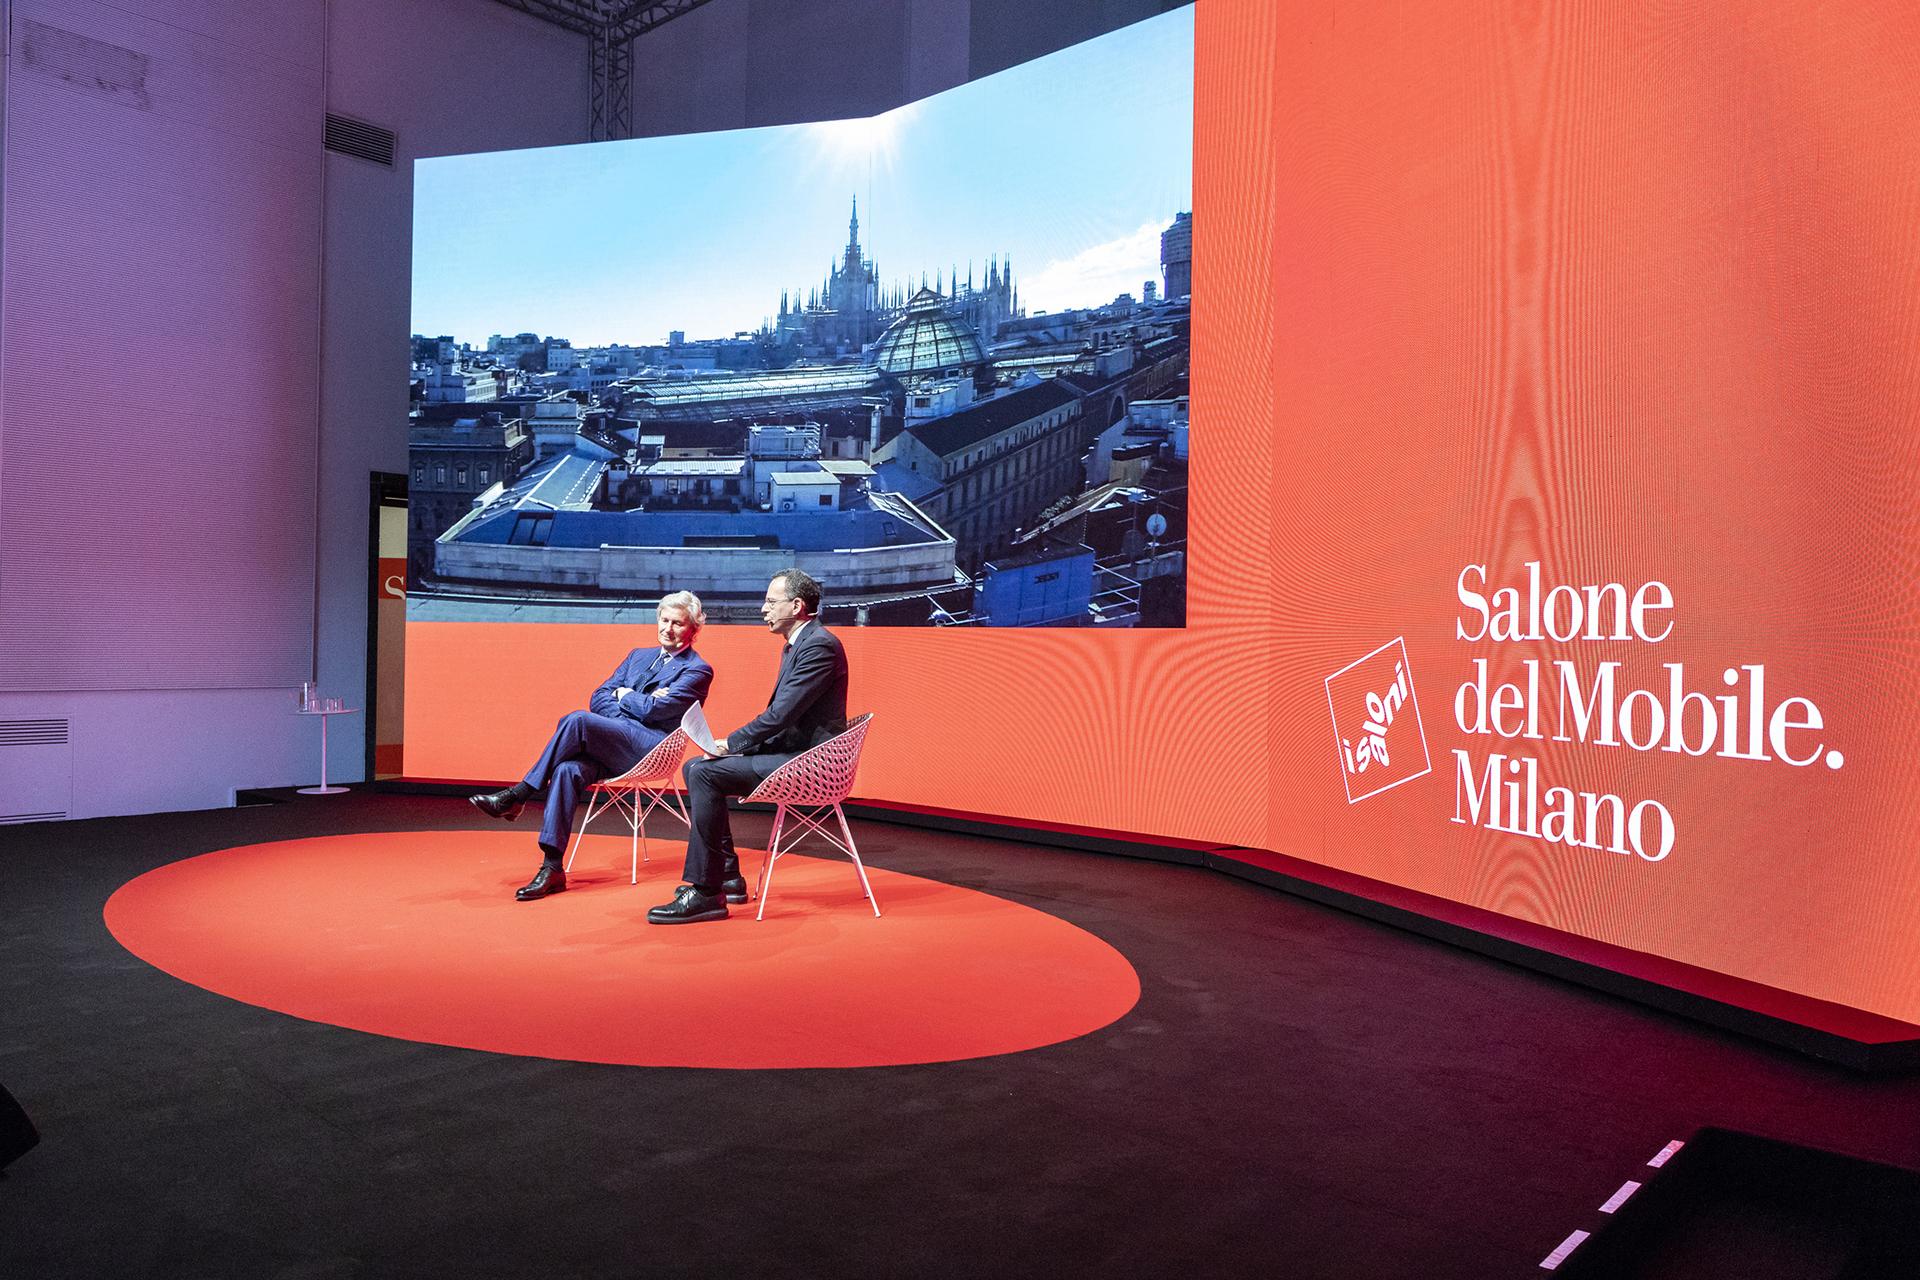 Salone Del Mobilemilano 2019 Tutte Le Anticipazioni Design Diffusion